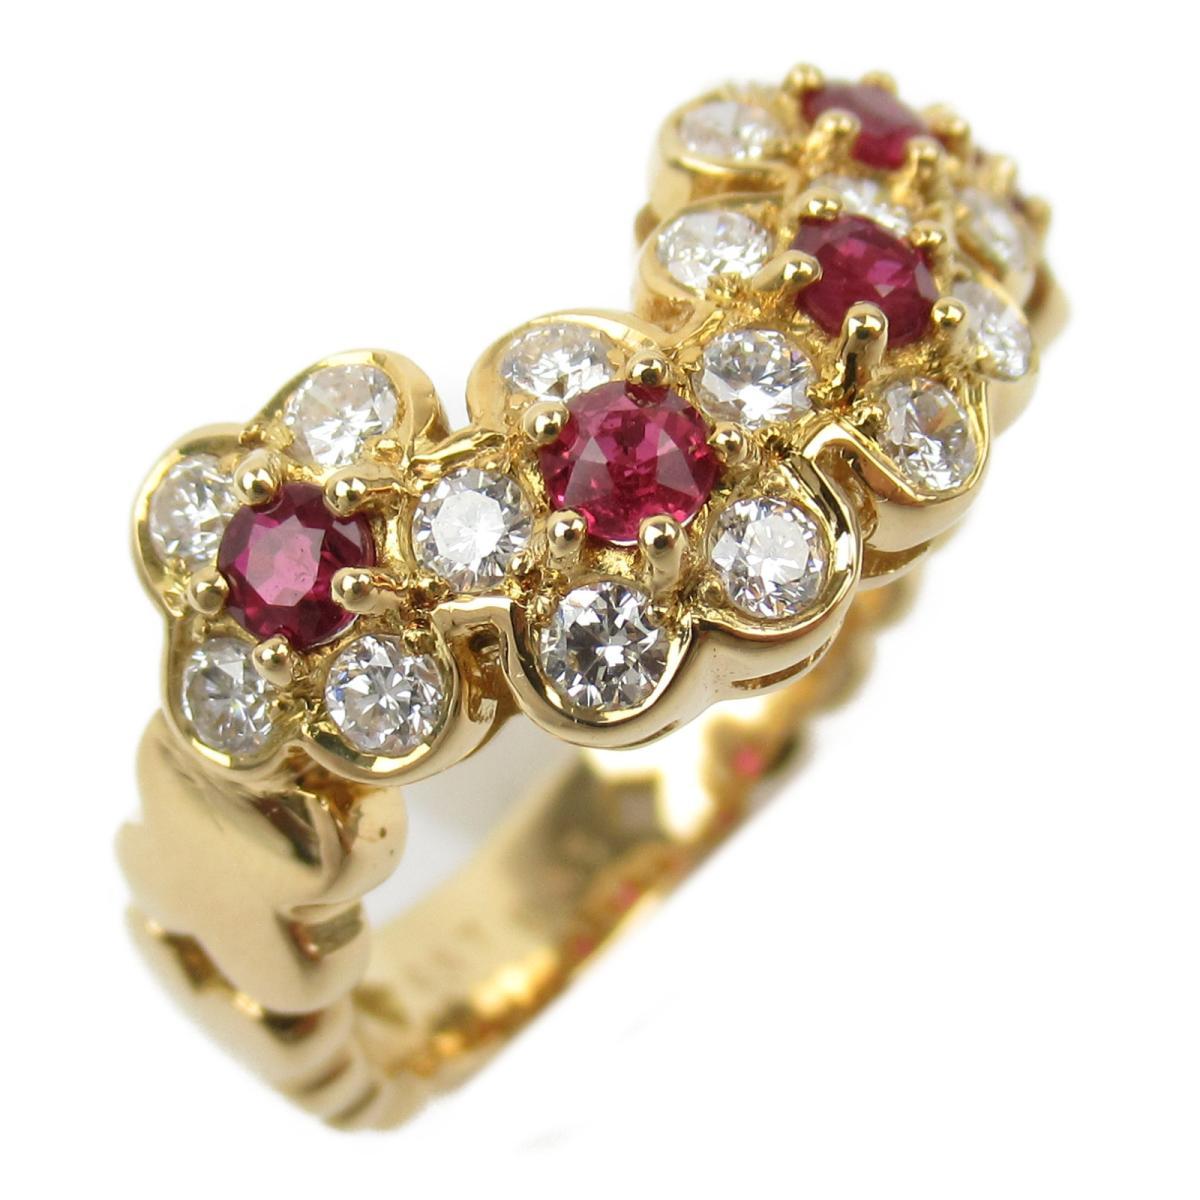 ジュエリー ルビーダイヤモンド リング 指輪 ノーブランドジュエリー レディース K18YG (750) イエローゴールド x ルビー/ダイヤモンド/0.57/0.65ct 【中古】 | JEWELRY BRANDOFF ブランドオフ アクセサリー